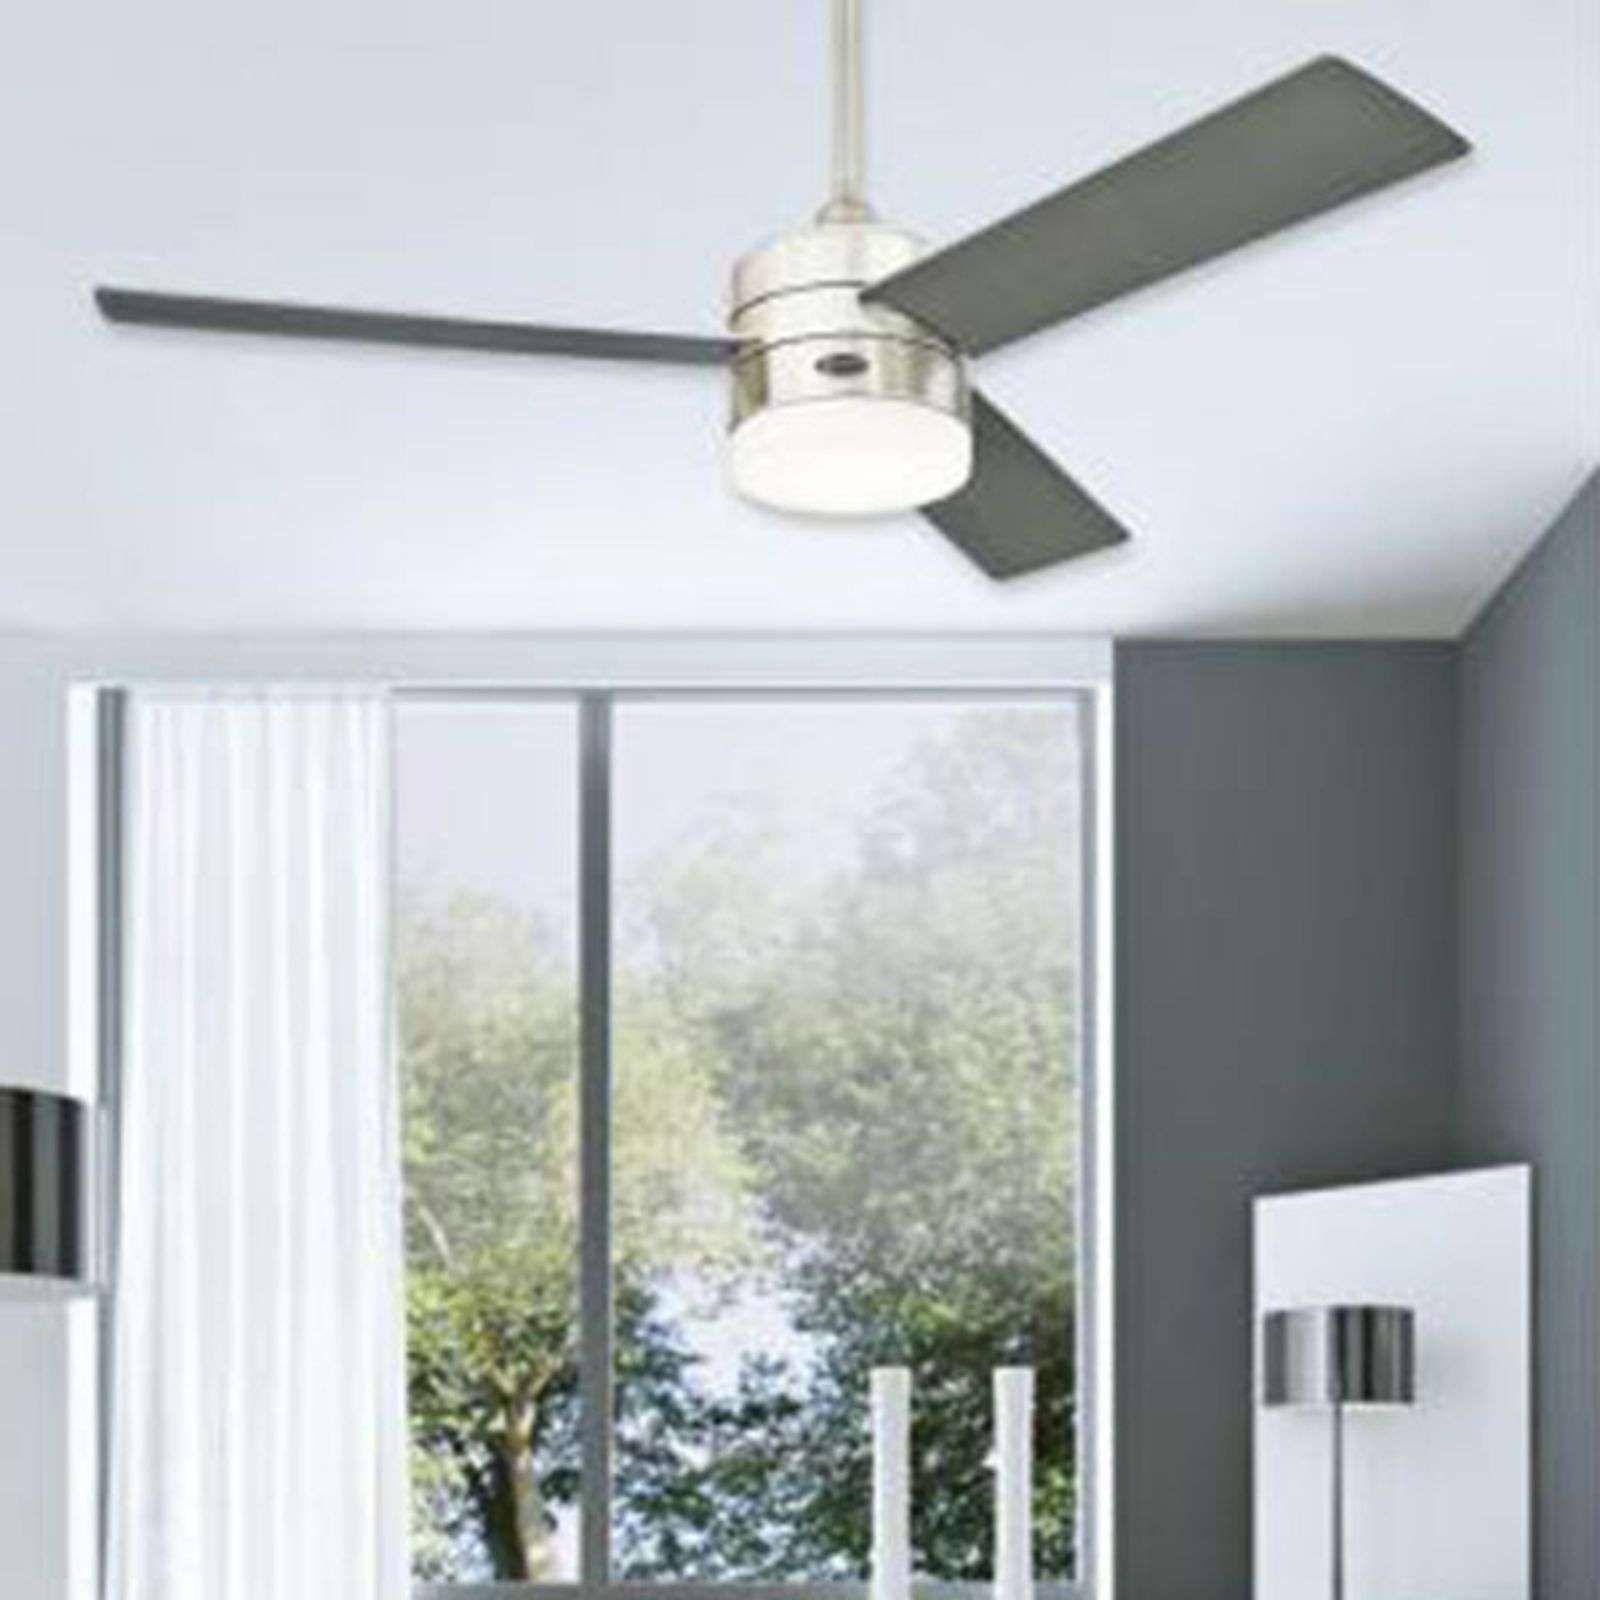 Moderner Deckenventilatoren Mit Beleuchtung Alta Vista Von Westinghouse Schwarz In 2020 Deckenventilator Ventilator Und Fernbedienung